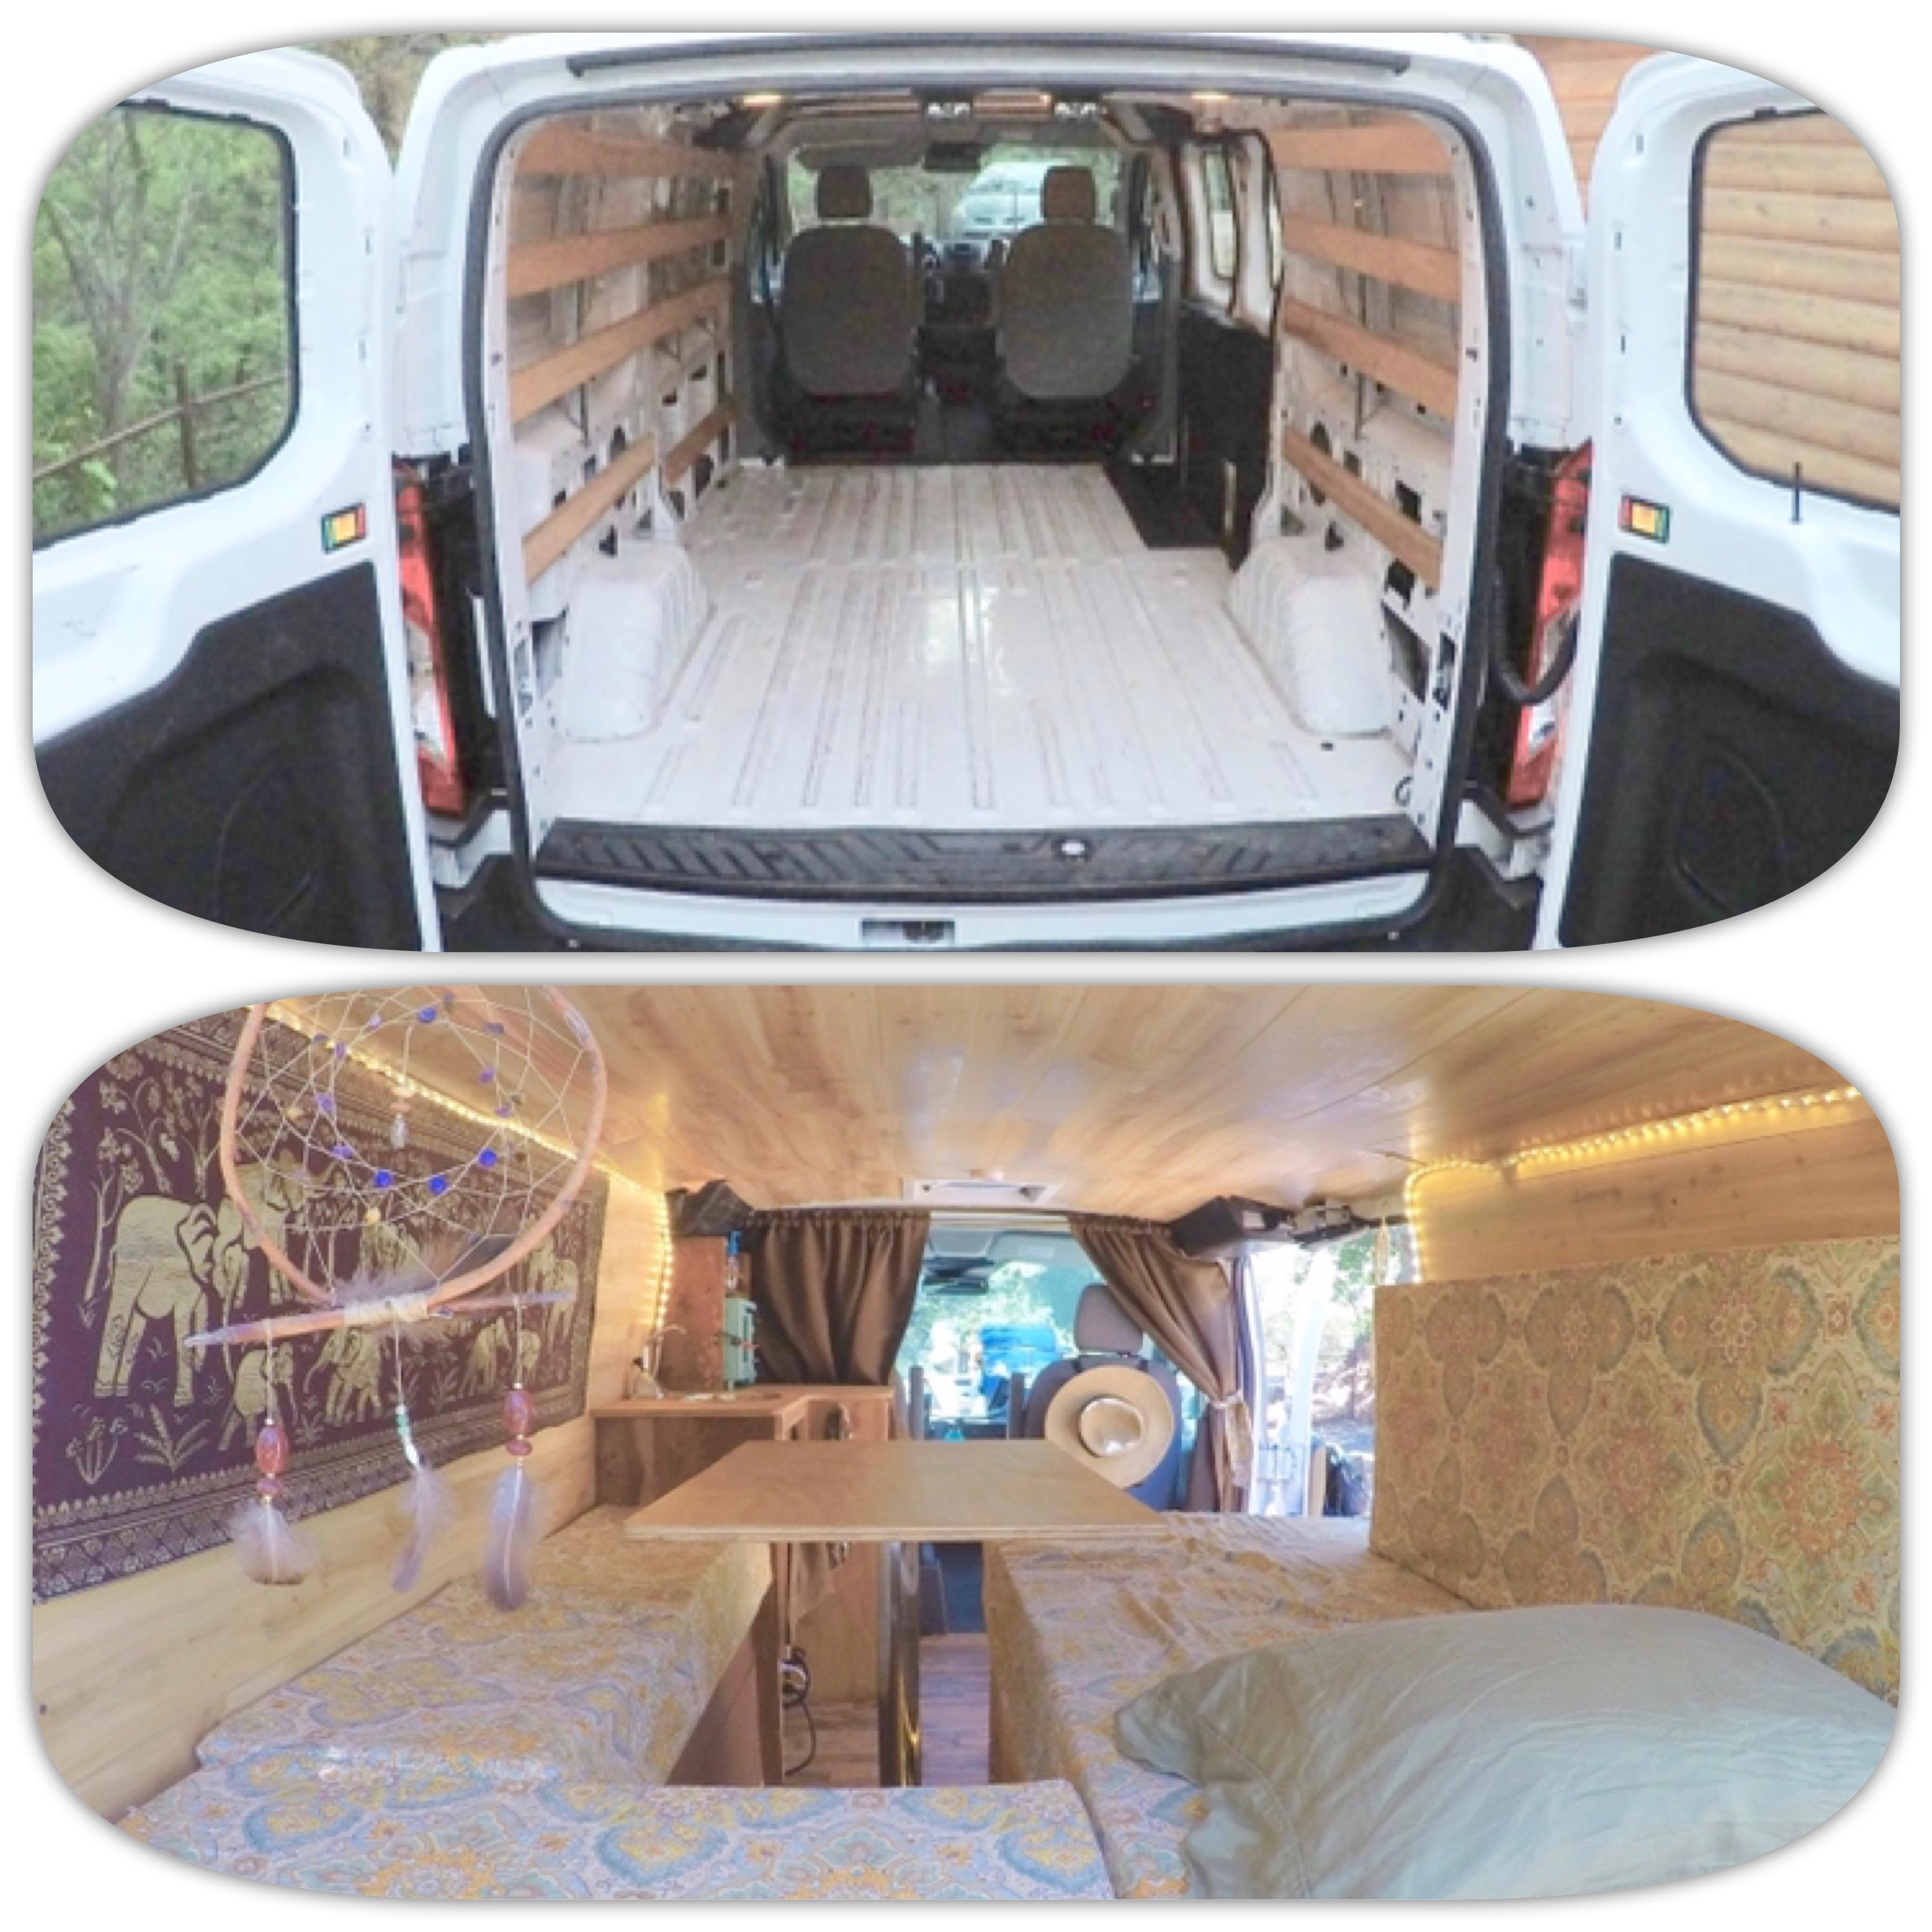 b0e1c1db899d2c DIY Budget Van Build  How I Converted a Cargo Van Into a Camper for ...